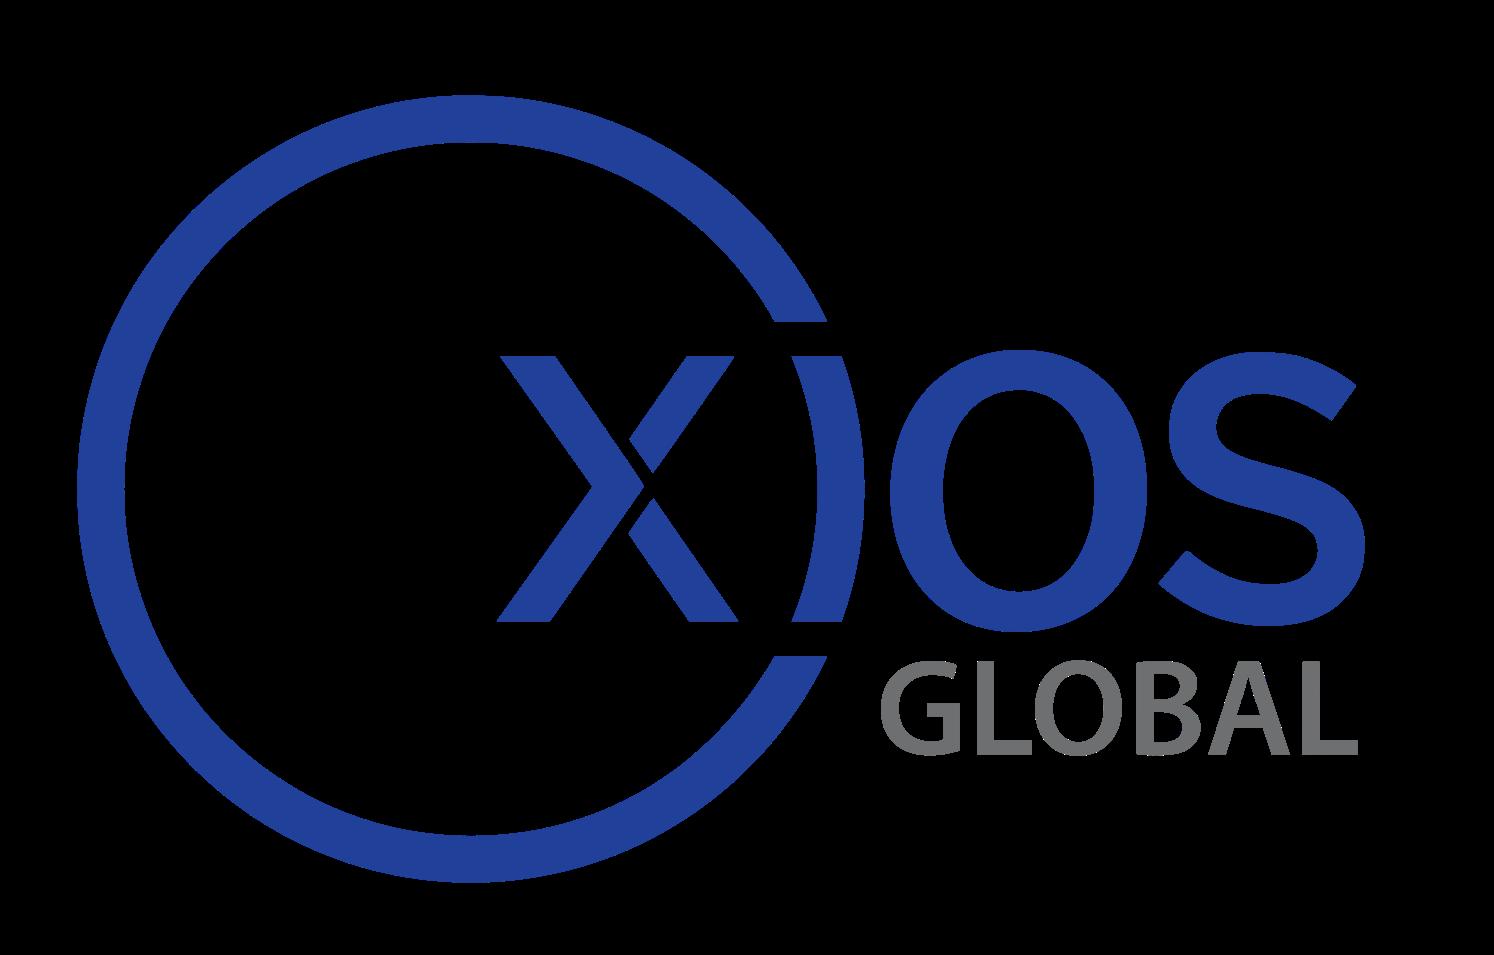 Xios Global